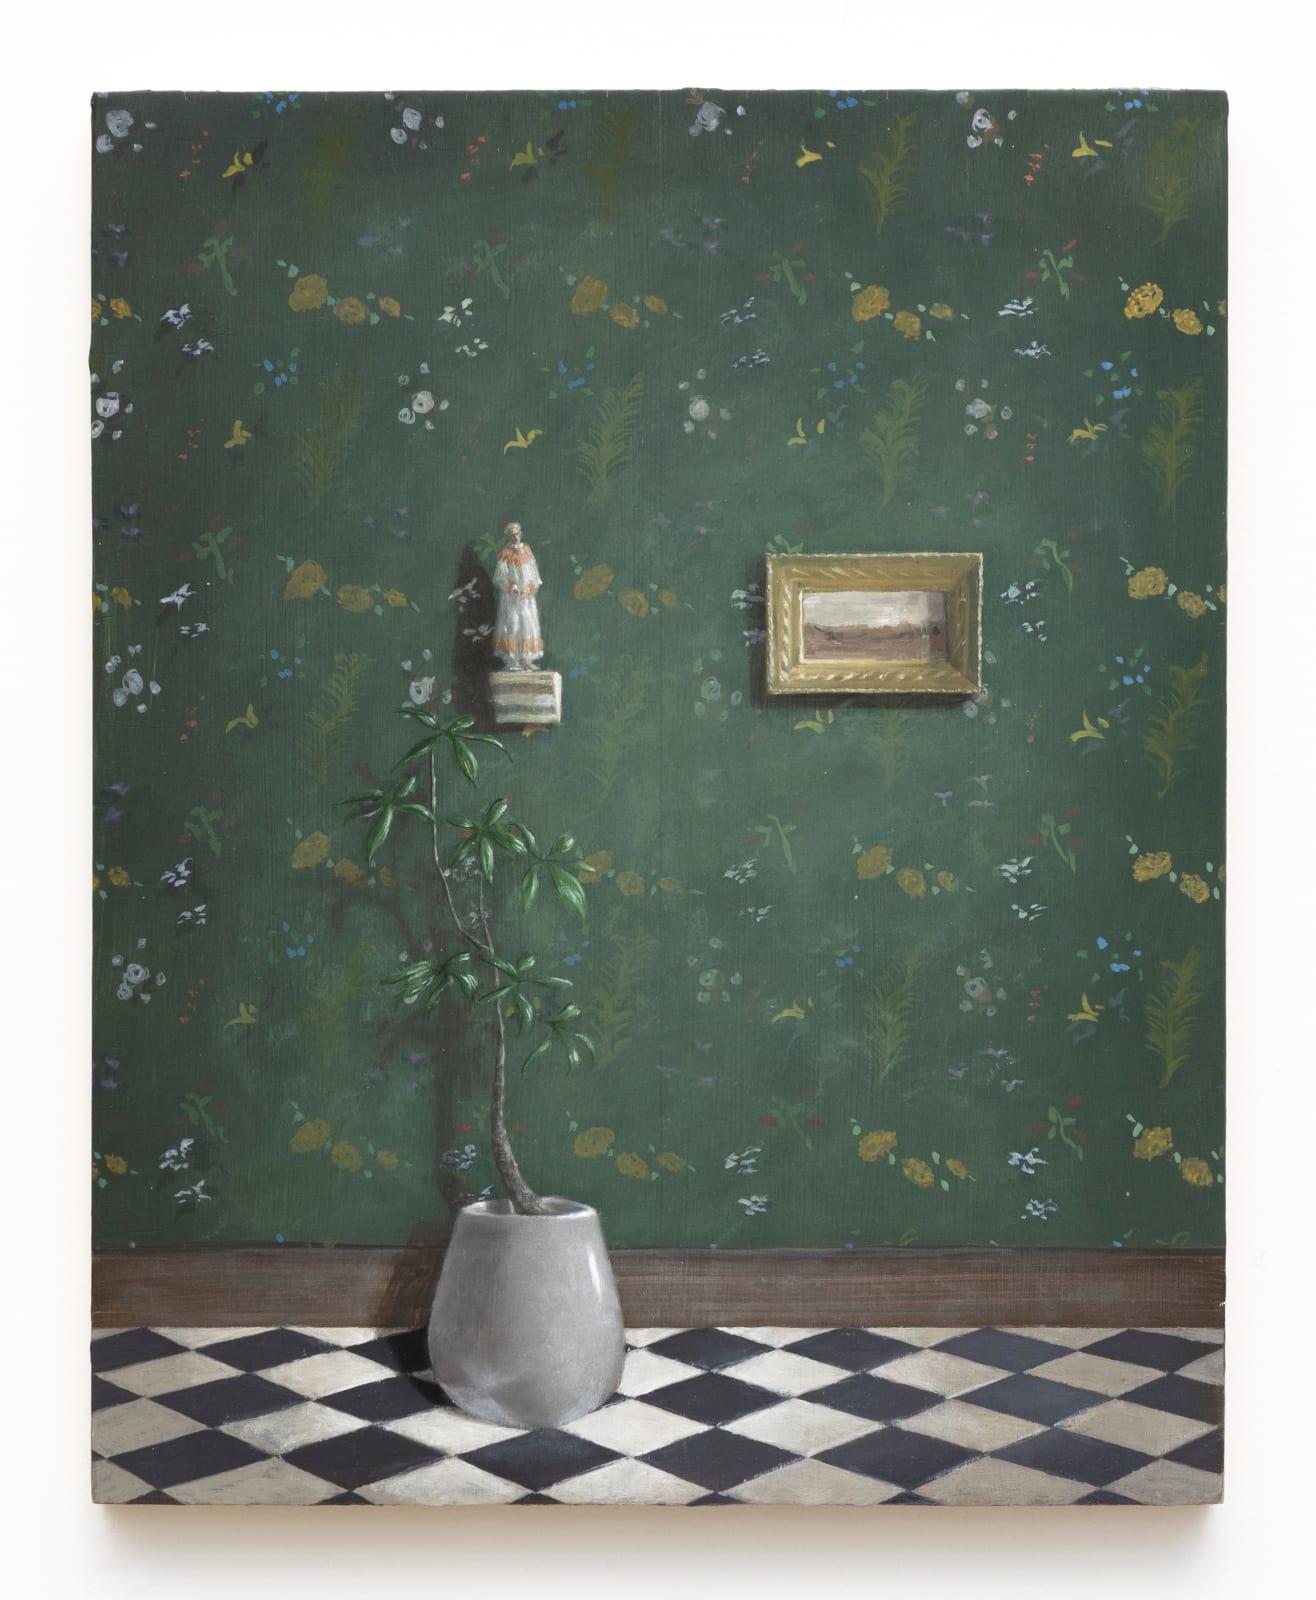 Quentin James McCaffrey, Landscape with Saint, 2020